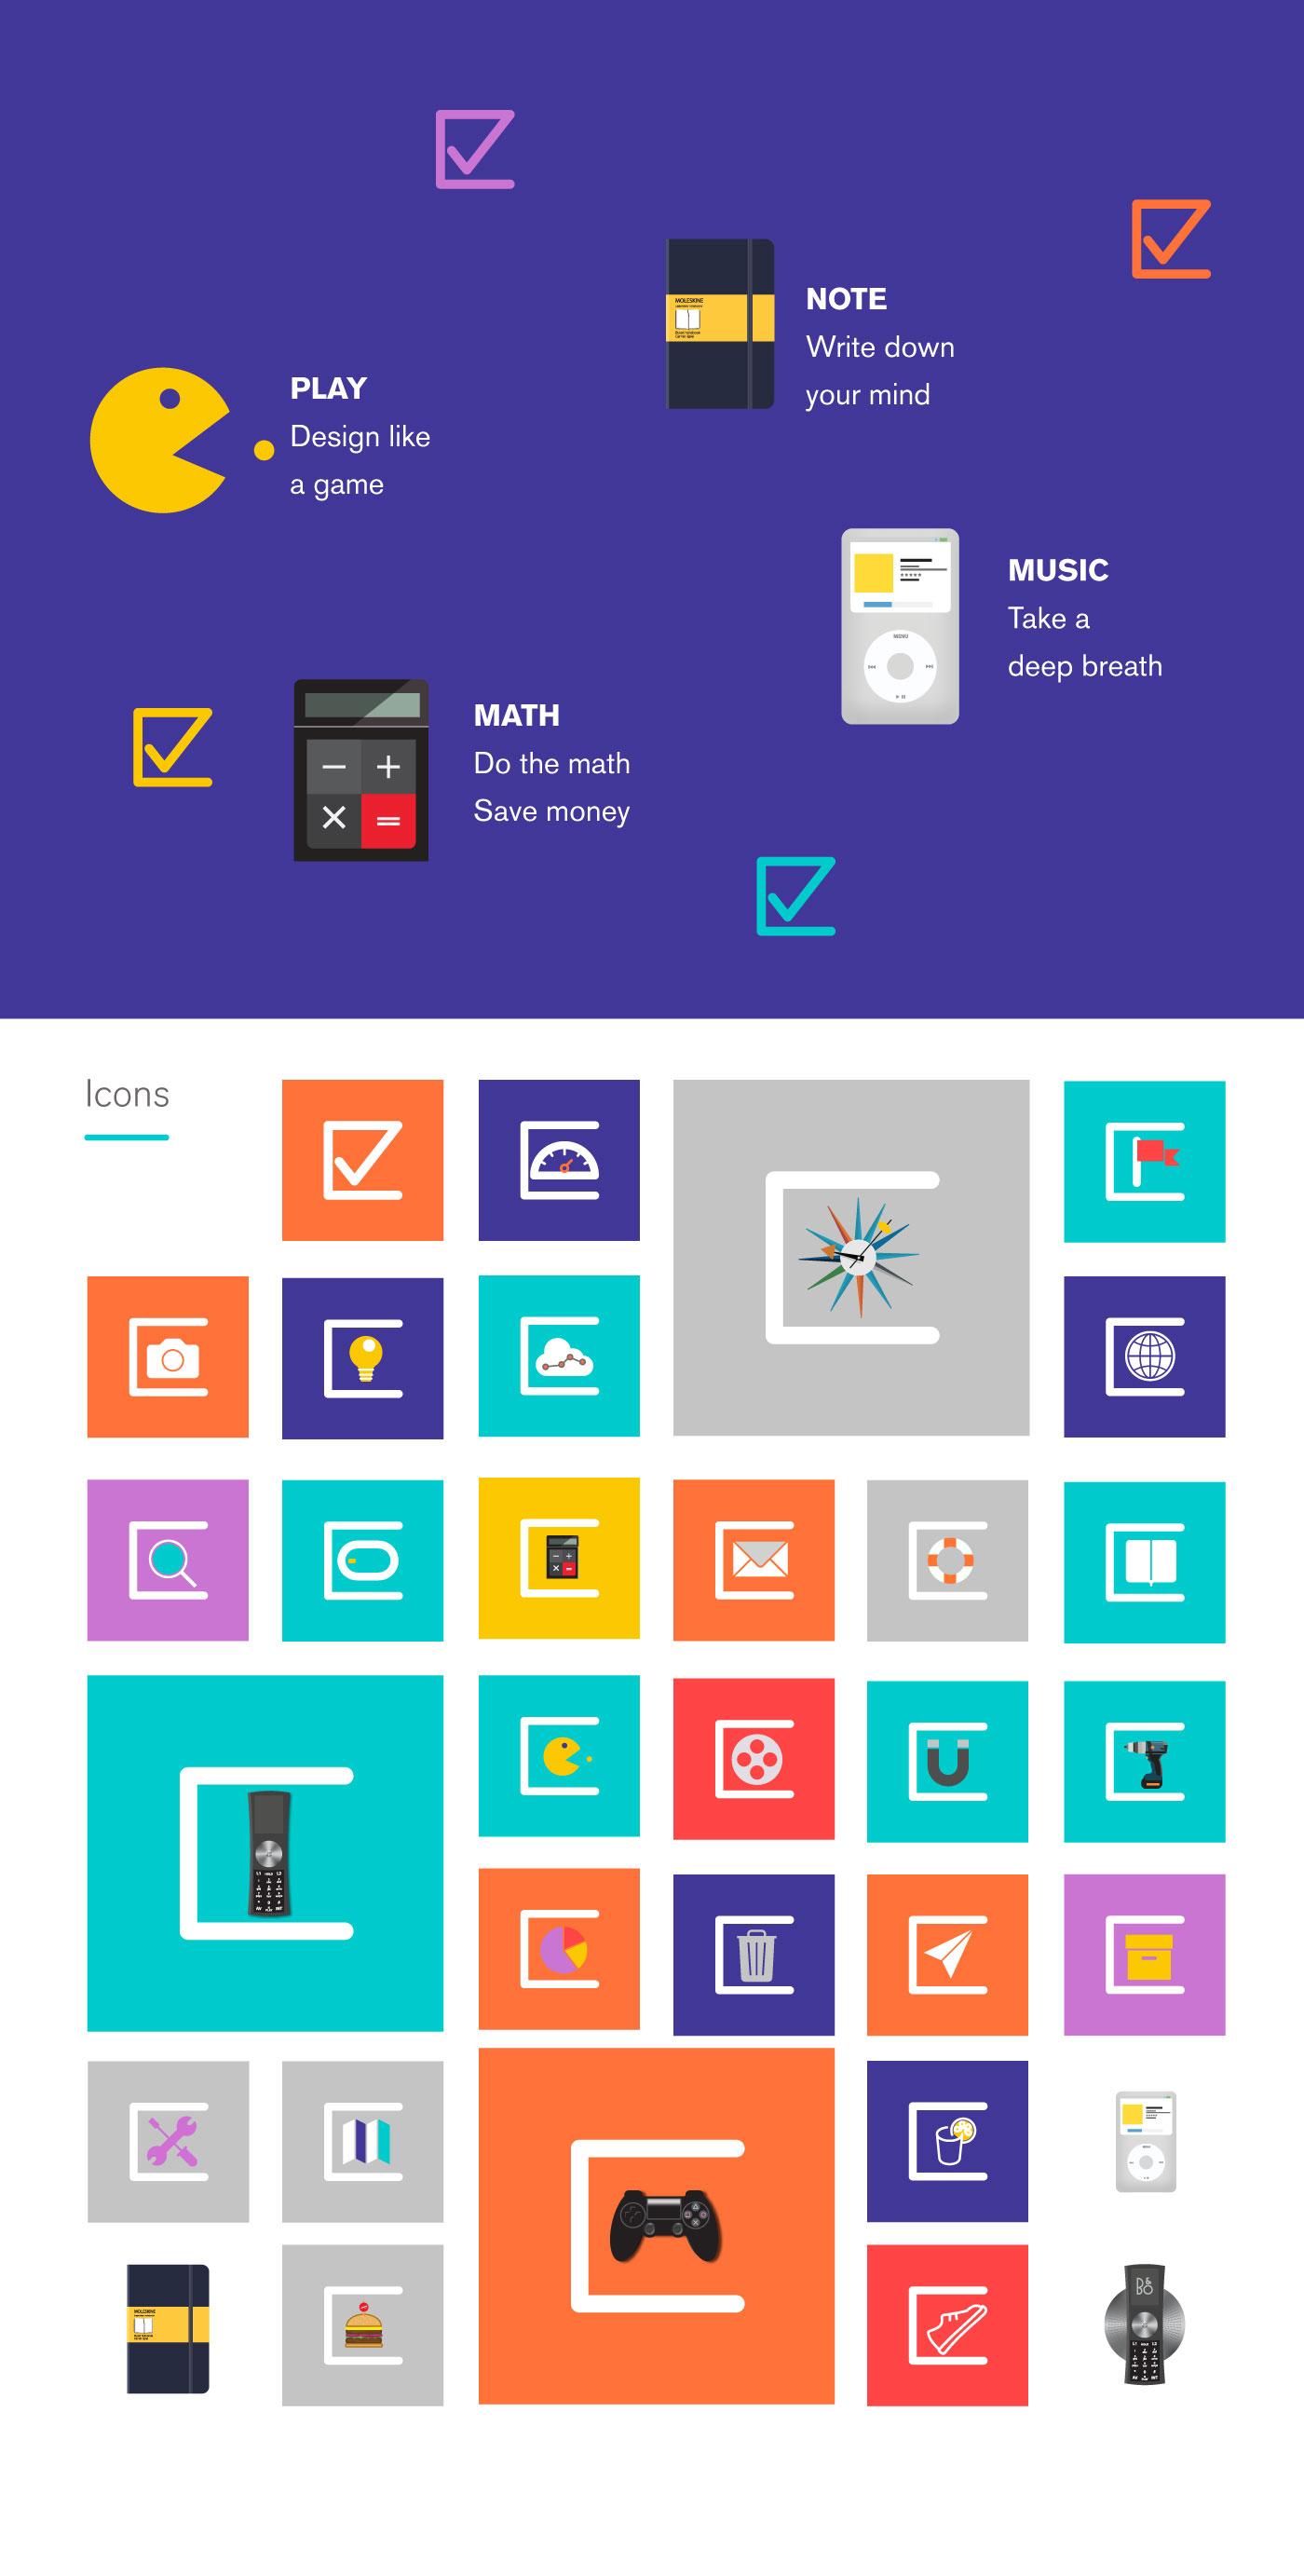 DesignCheckpoint3